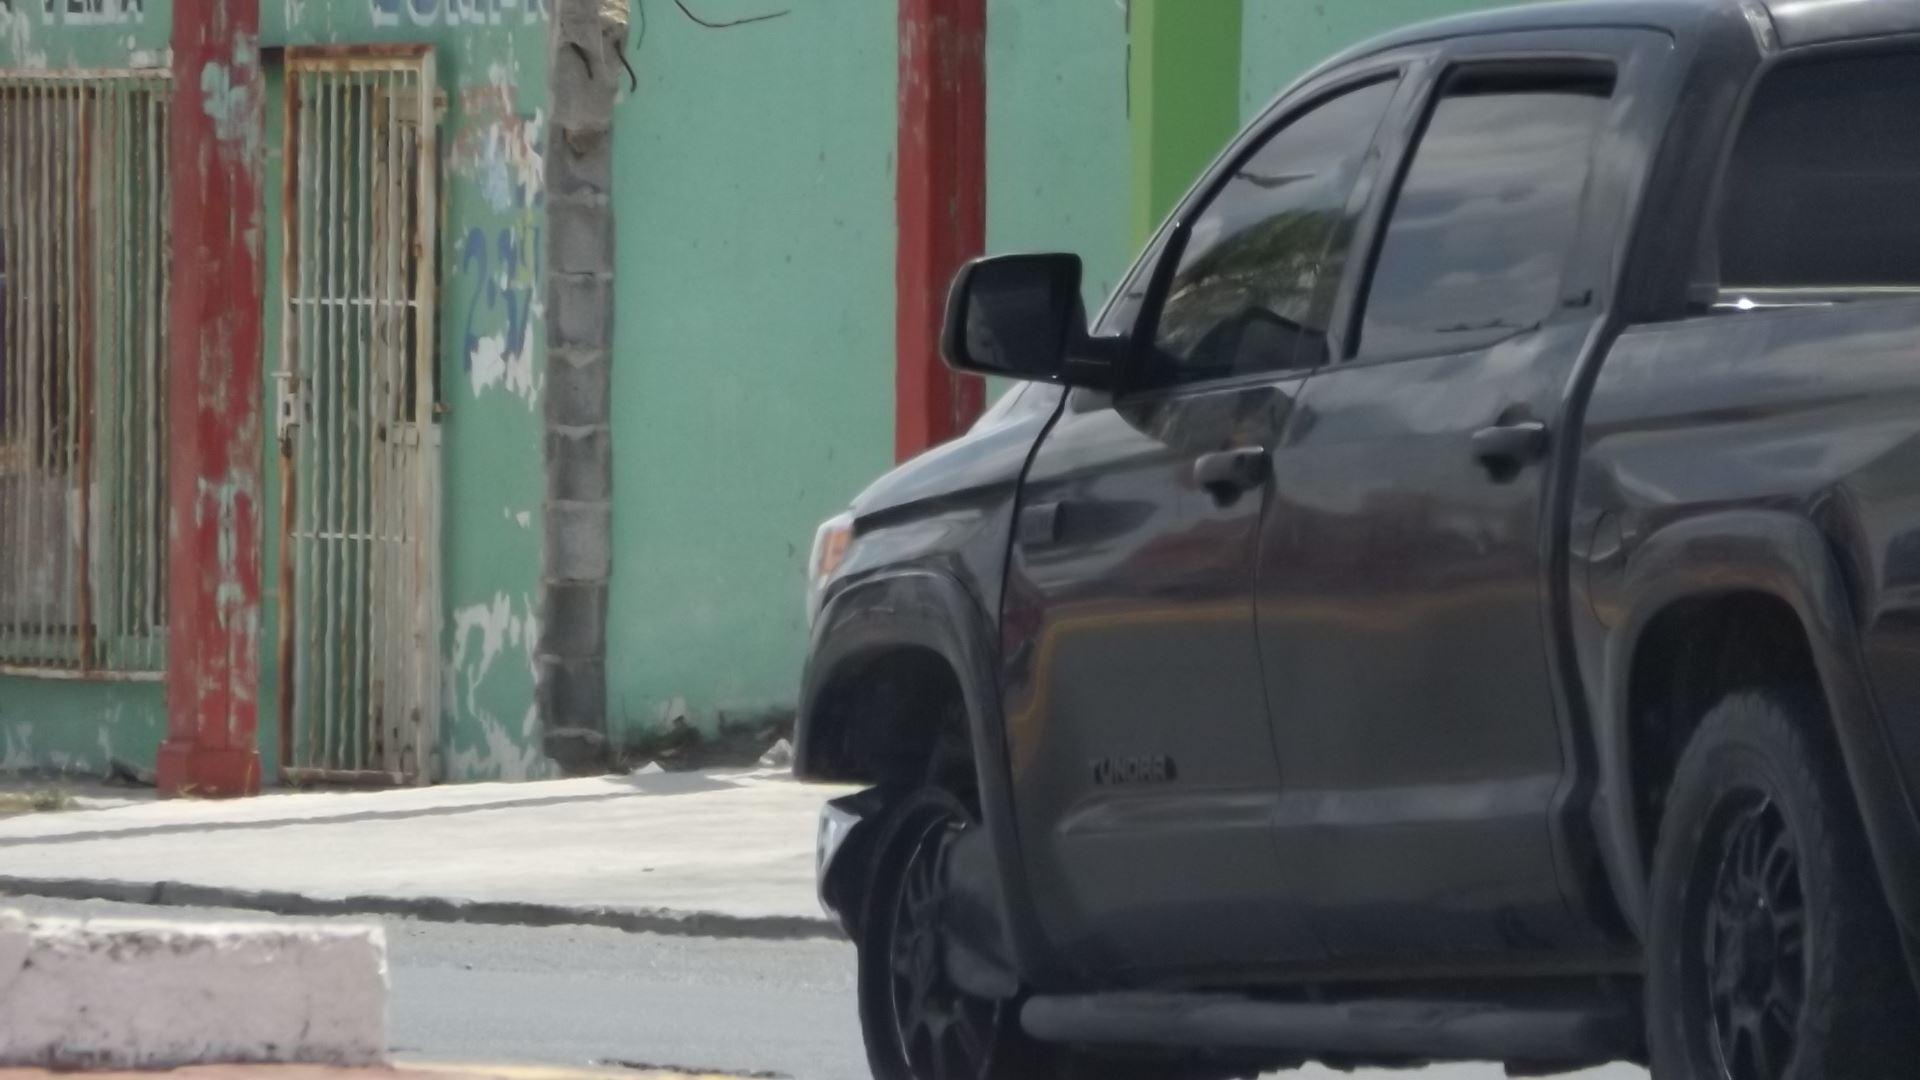 DECOMISAN. Otra camioneta negra, marca Toyota, tipo Tundra, 4 puertas, de reciente modelo y con placas de cartón, también habría participado en la persecución y balacera, por lo que fue decomisada y trasladada con las llantas ponchadas hasta la PGR.